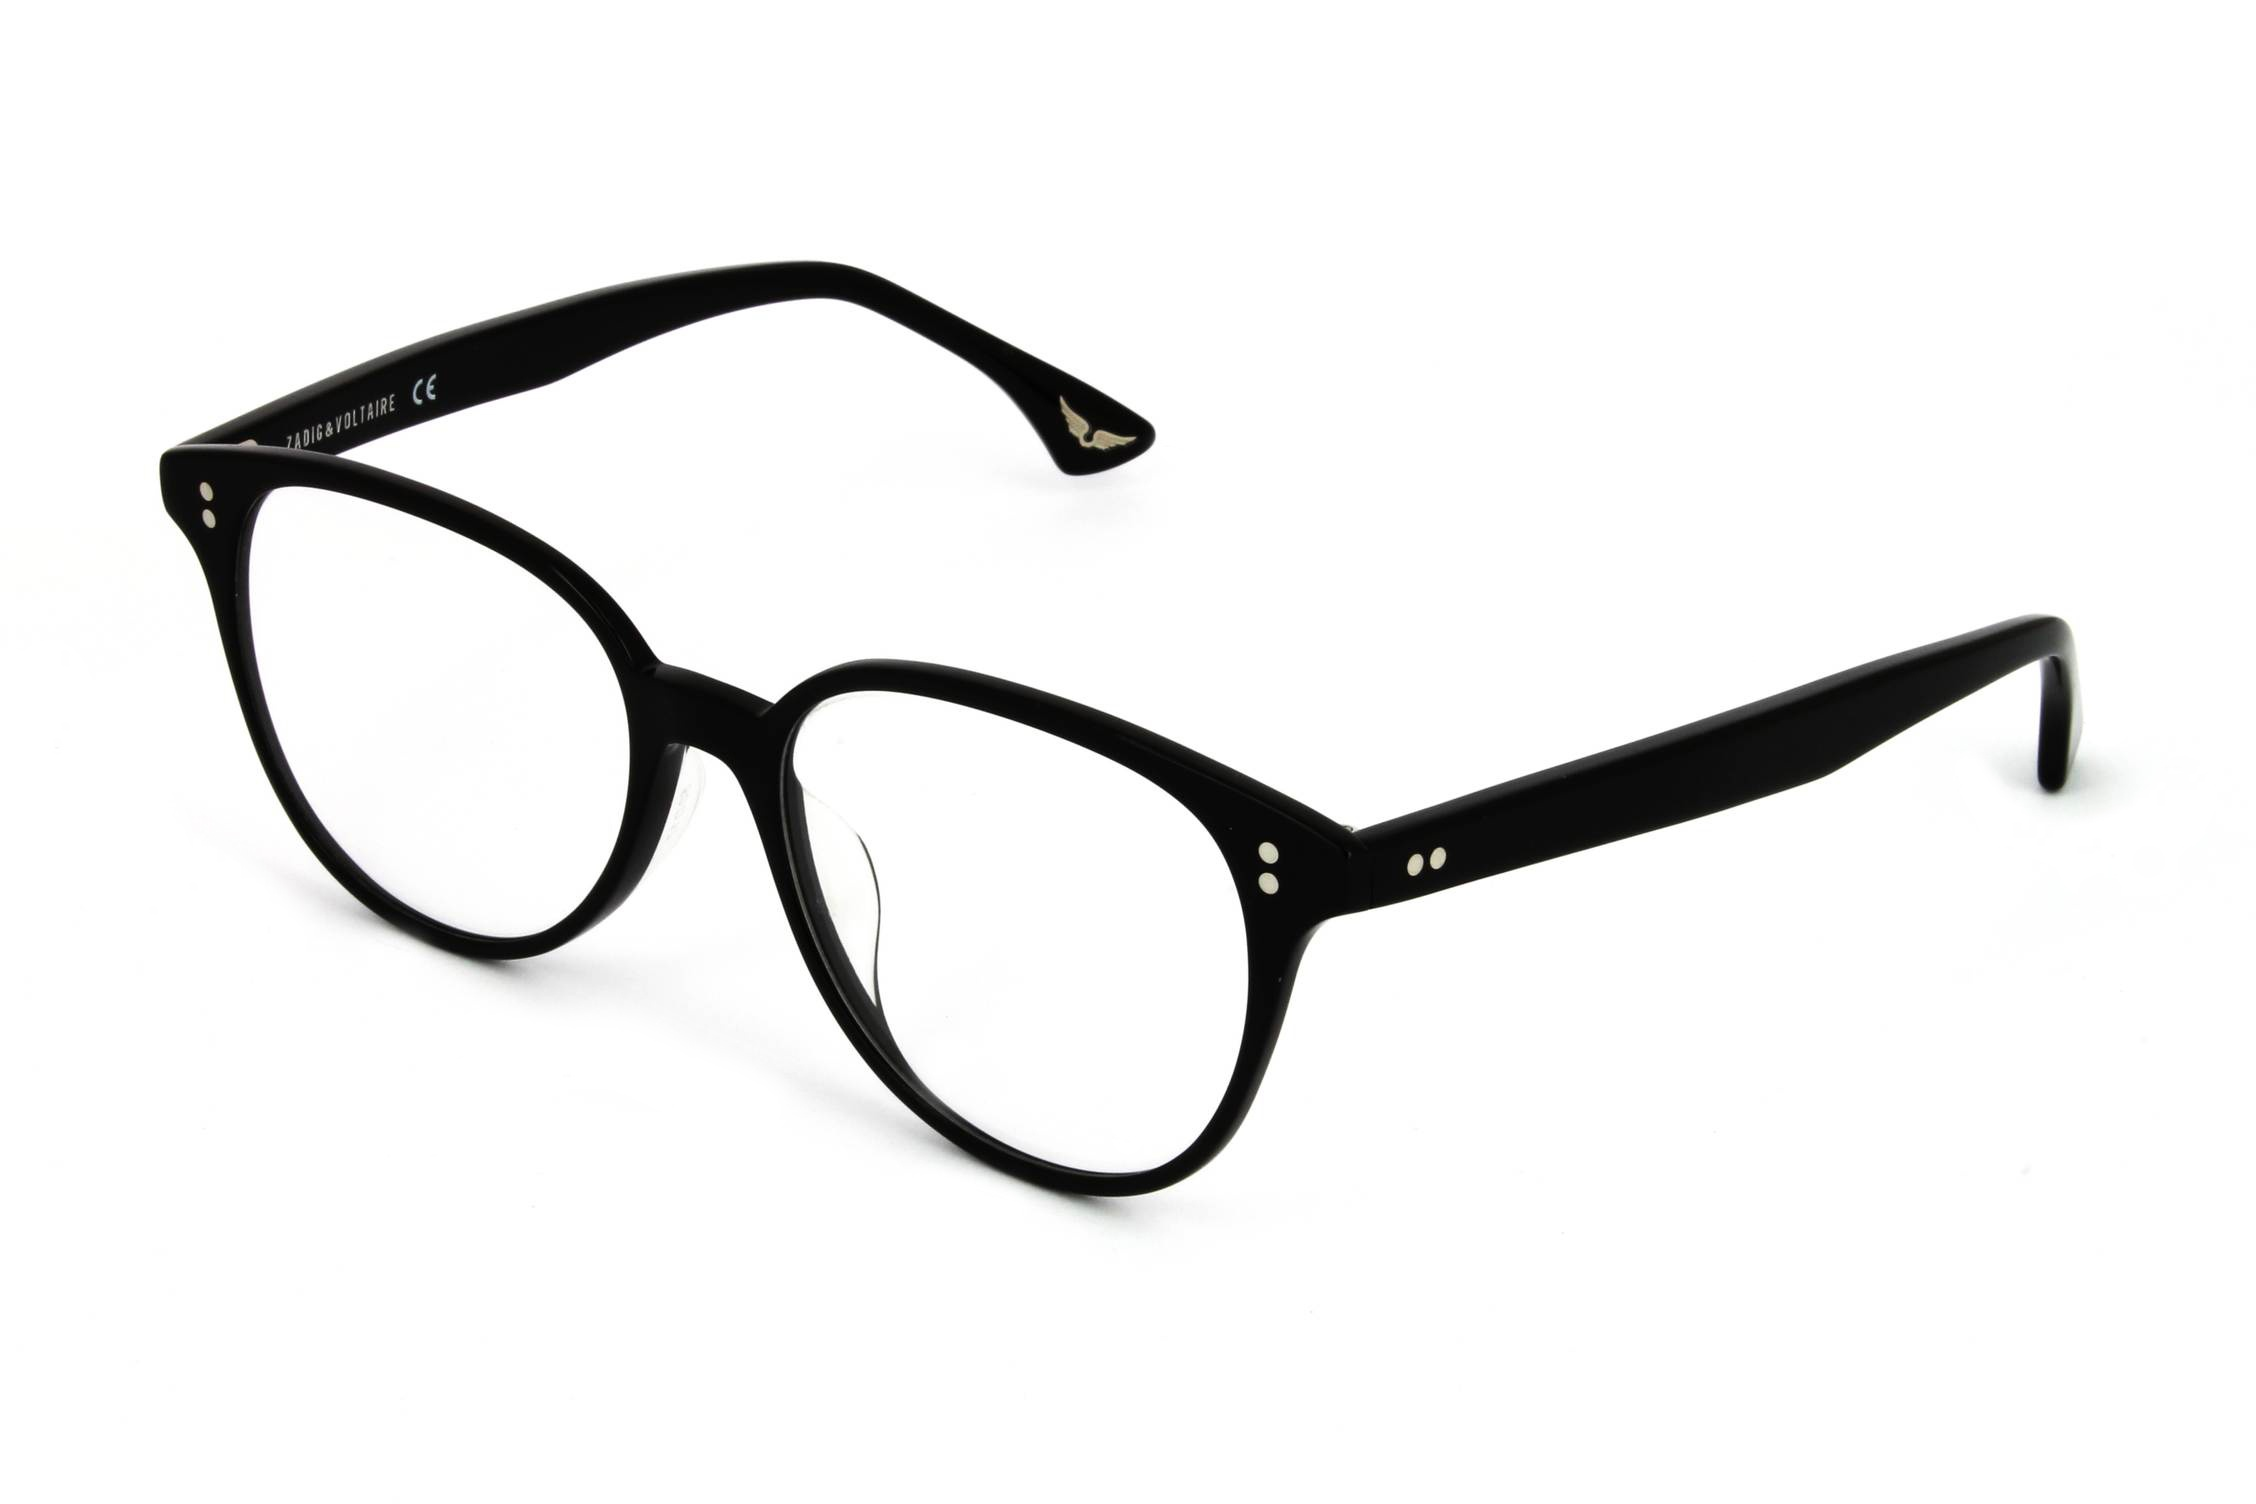 Tenez compte de la forme de votre visage pour choisir vos lunettes